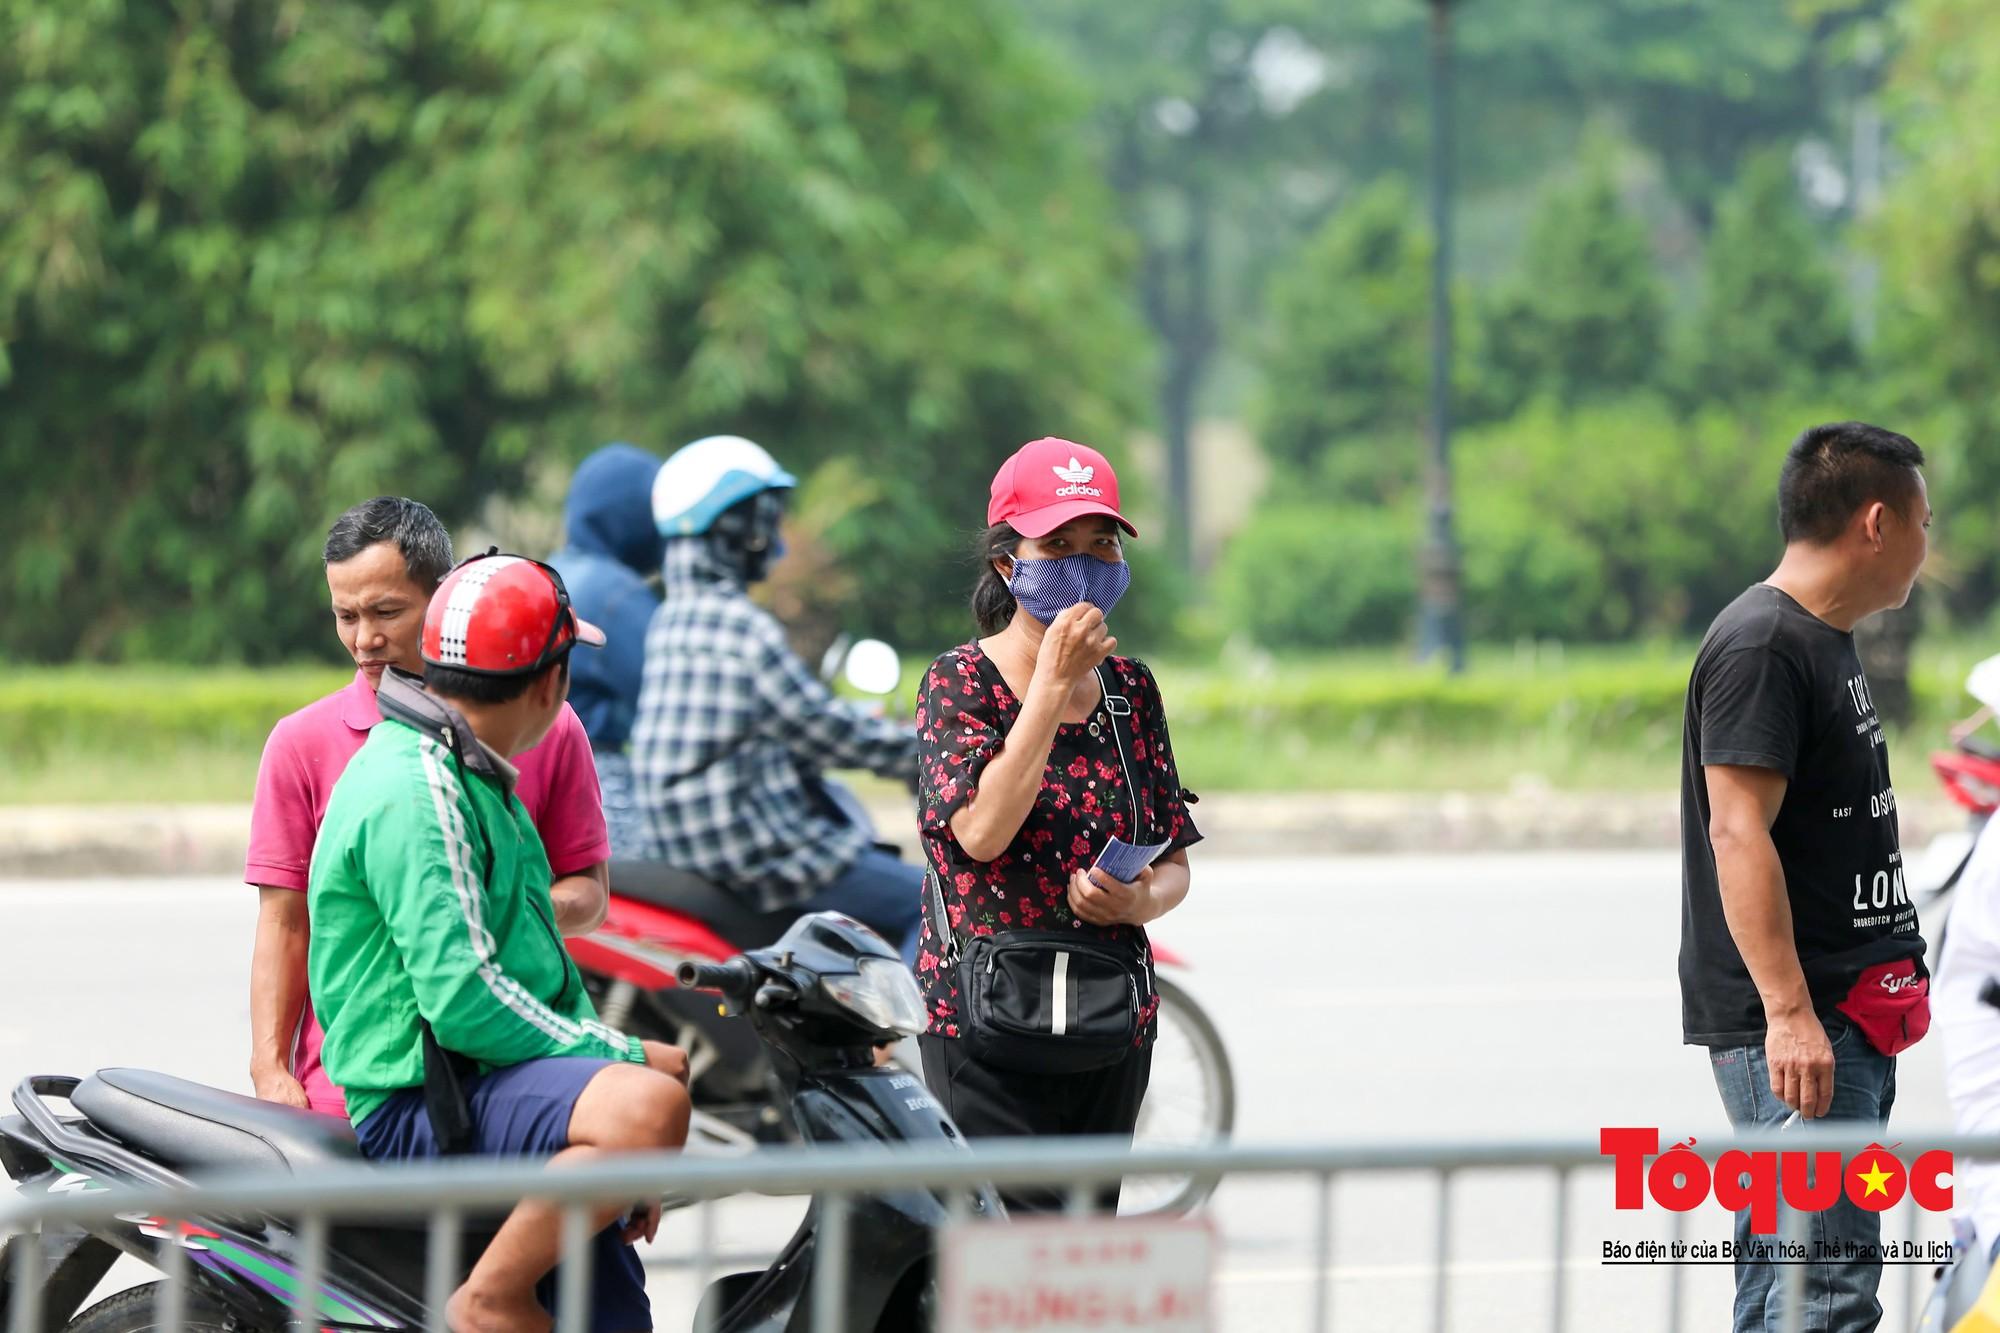 Vé trận Việt Nam - Malaysia: Giá vé chợ đen tung tăng nhảy múa8